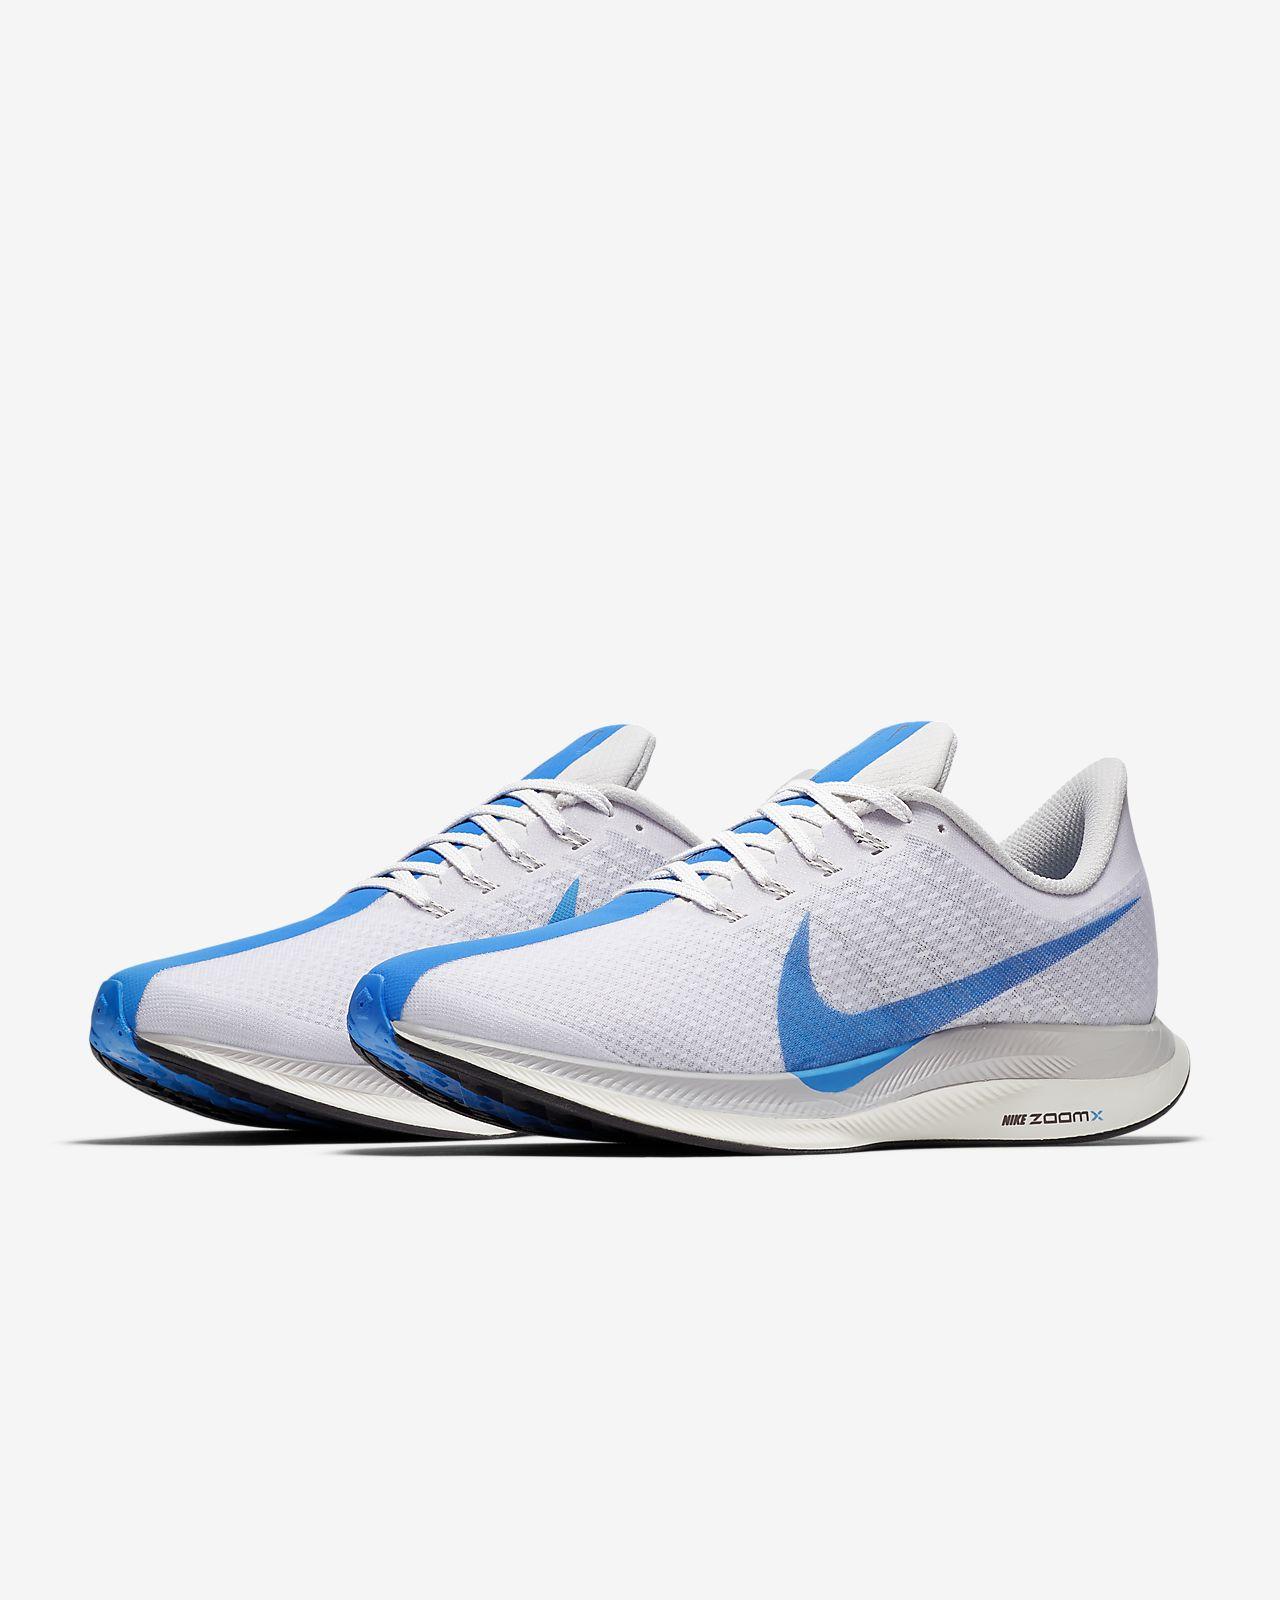 Usa Nike Air Zoom Total 90 Ii For Salg Nj 2f44f Ad983